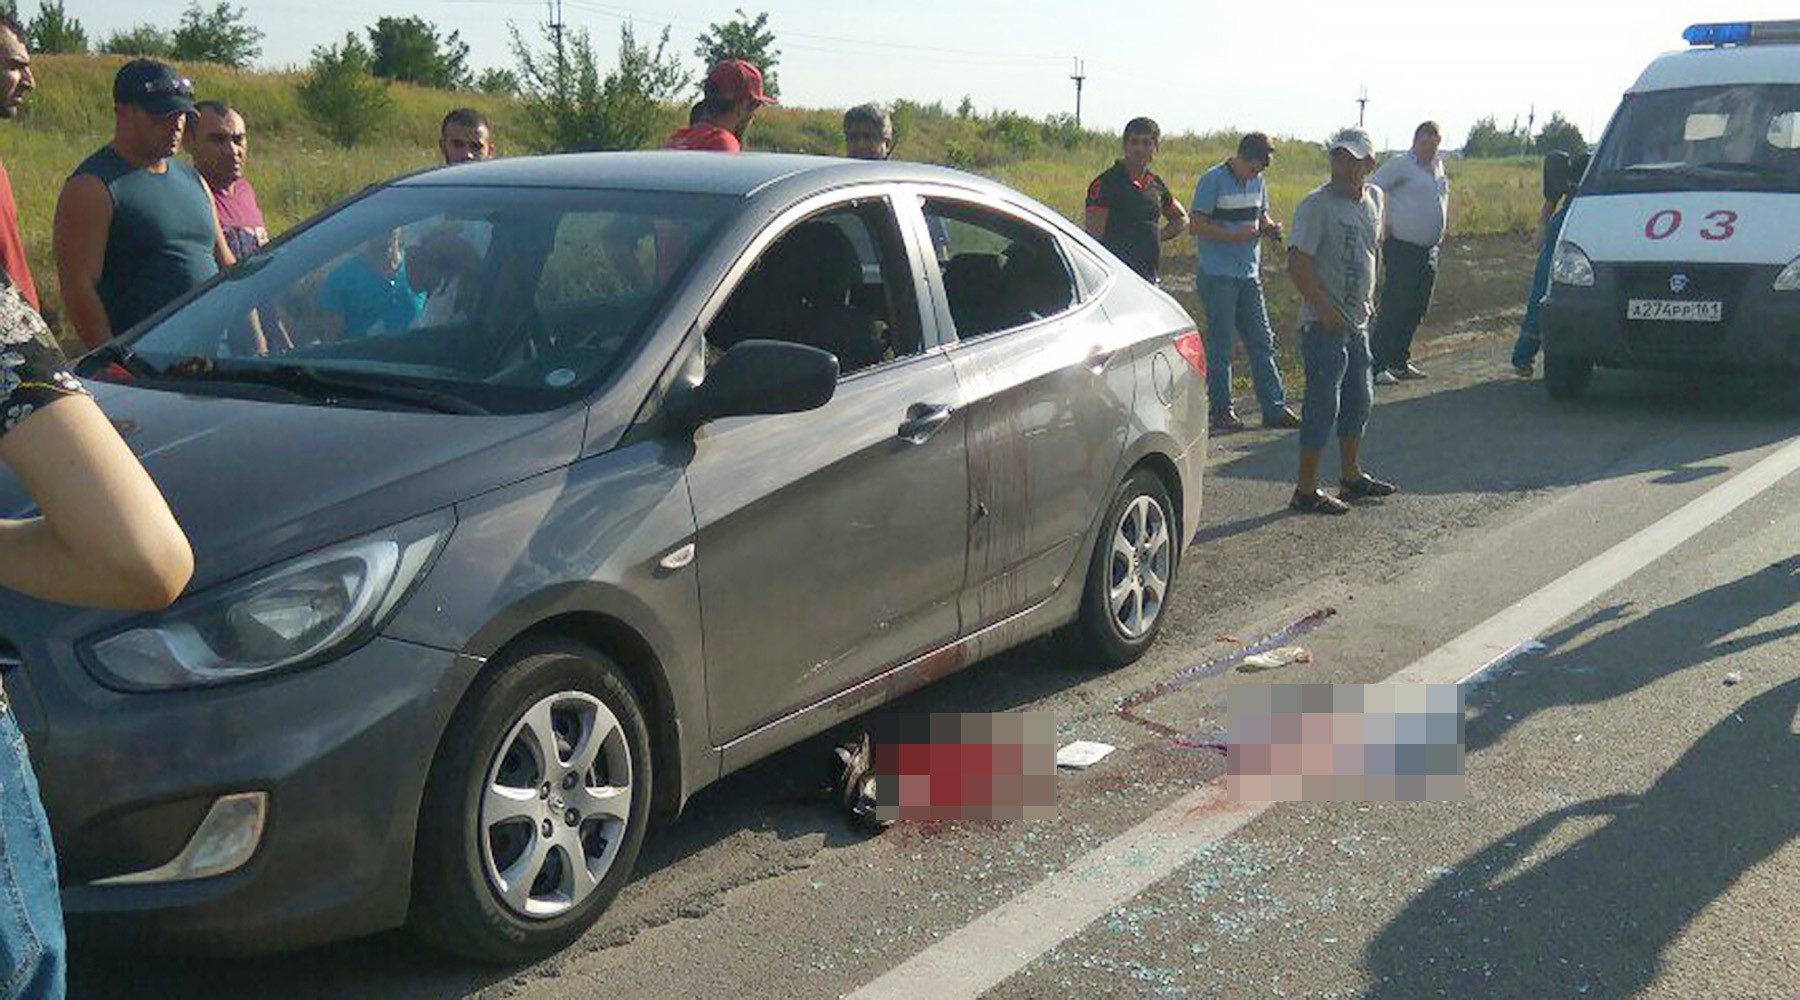 Убийство на трассе: в Ростовской области полицейский расстрелял бывшую жену и её отца